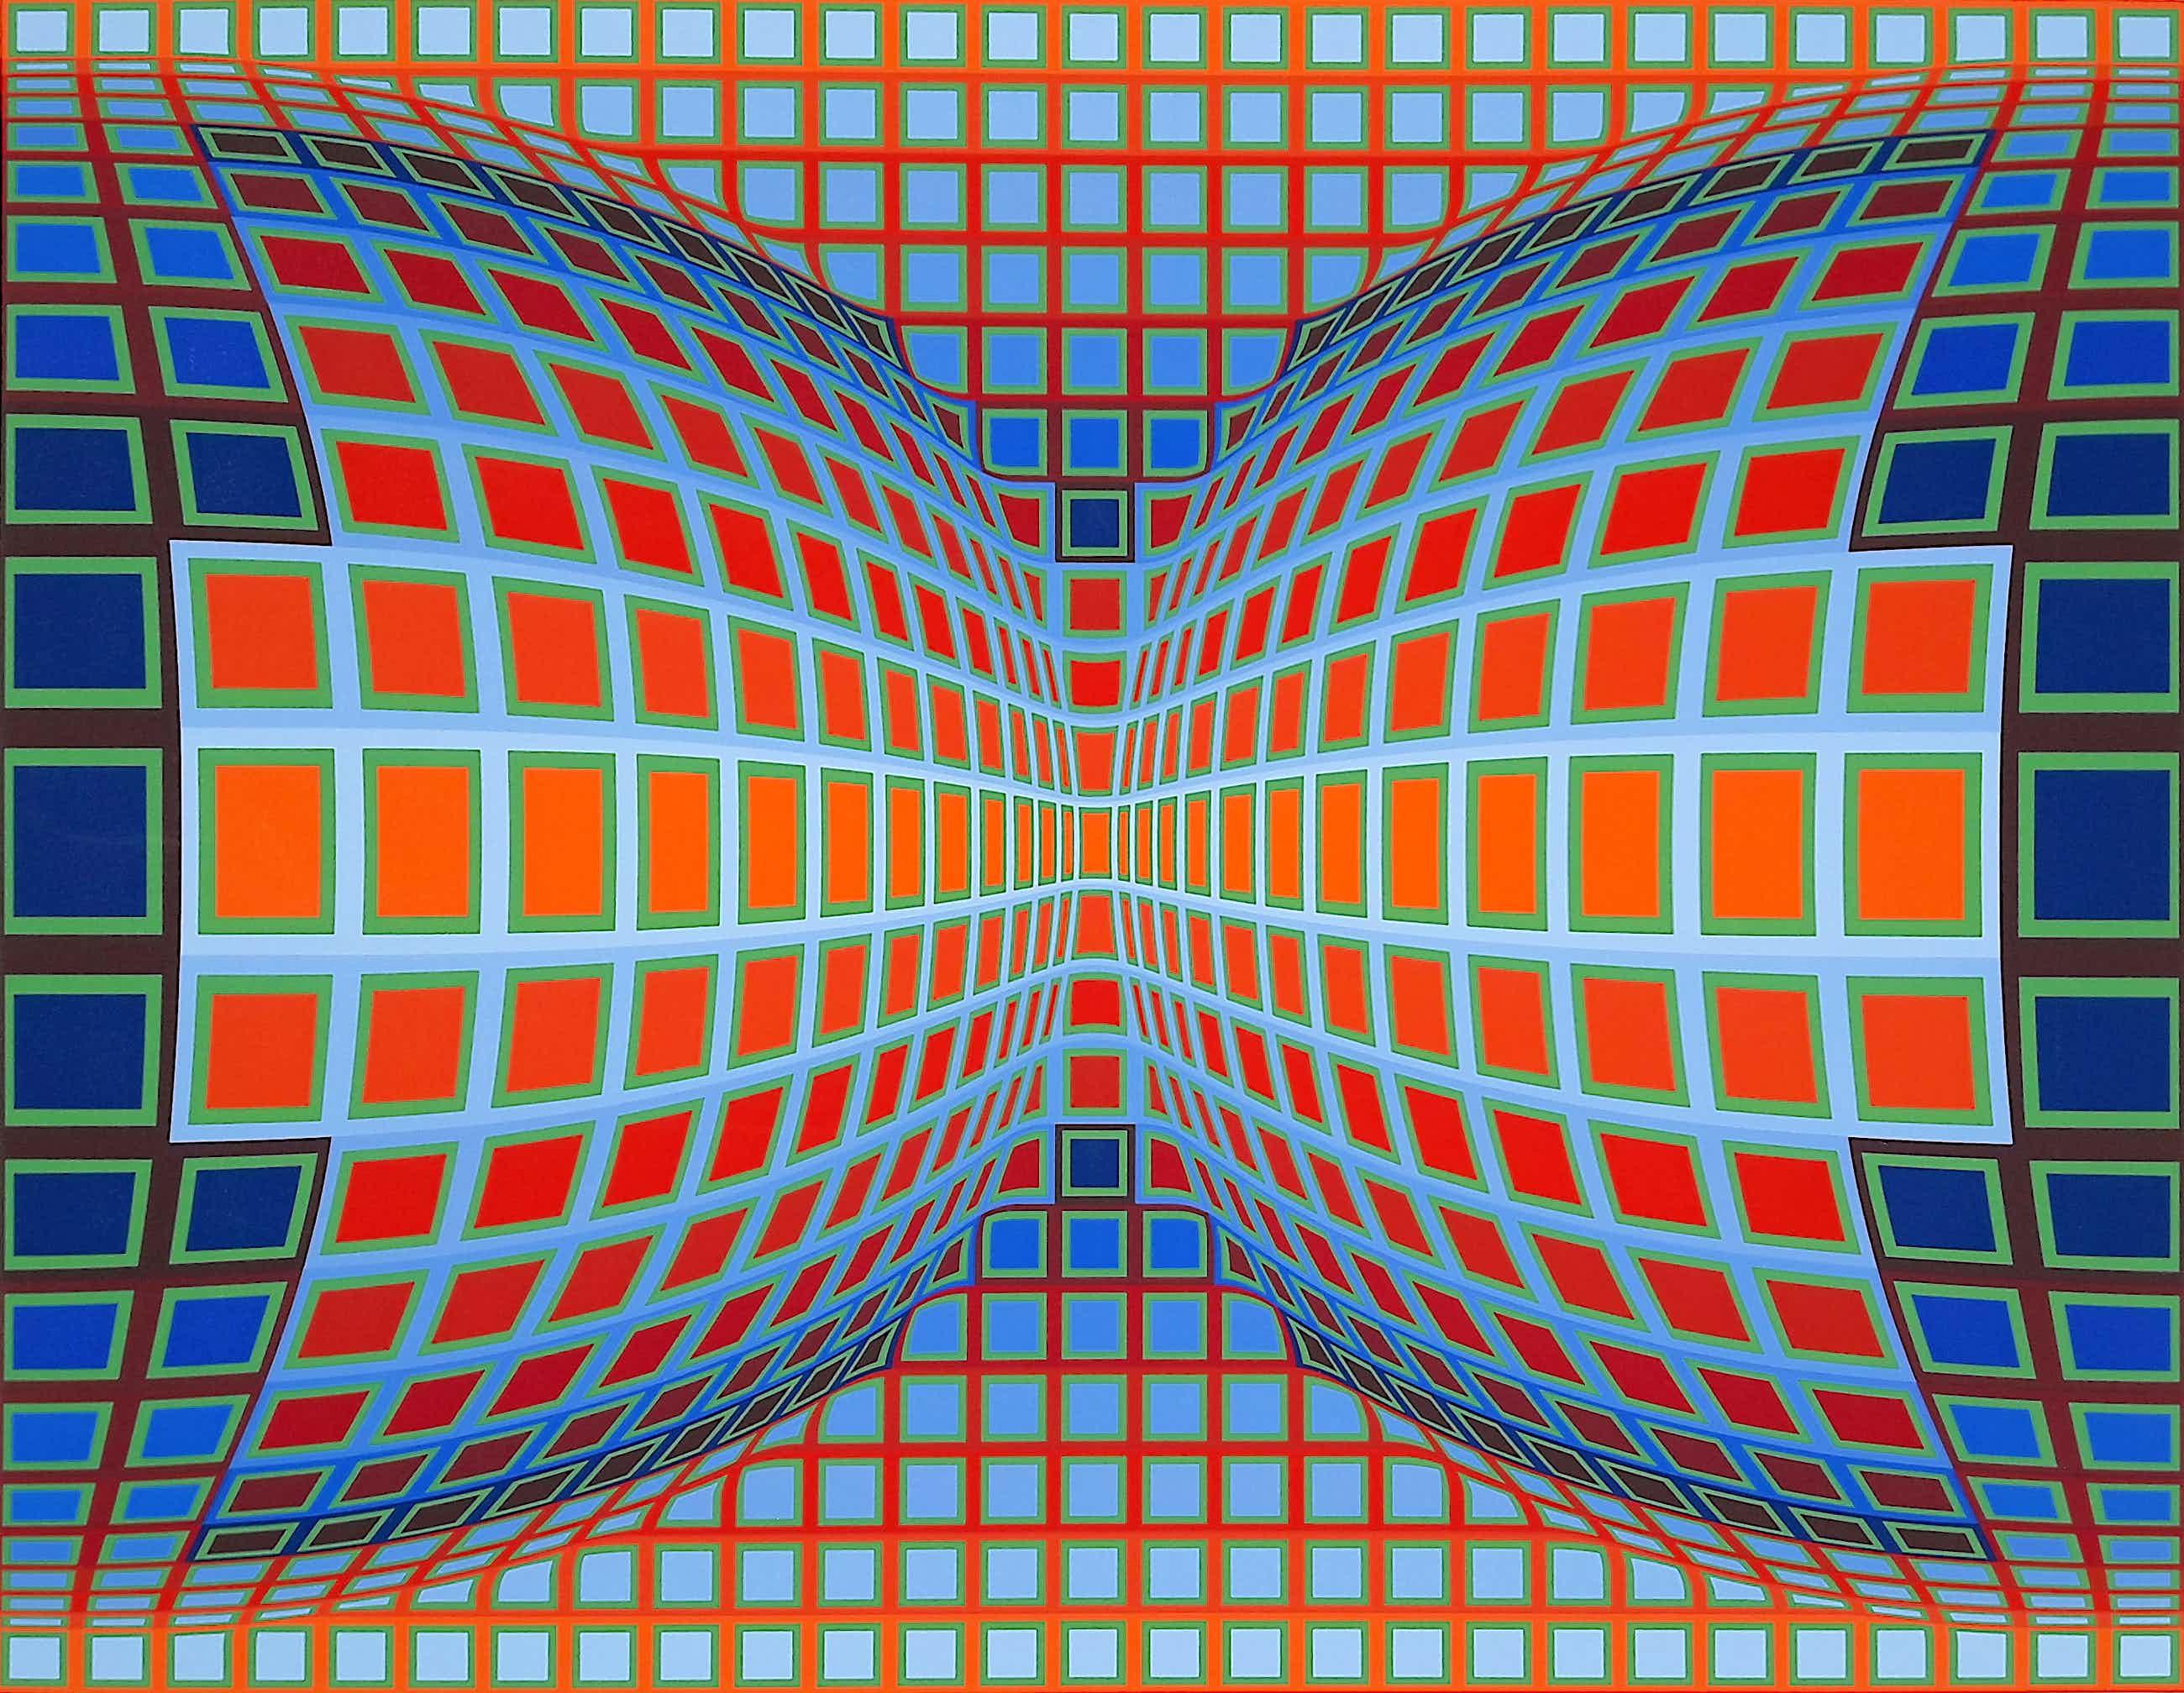 Victor Vasarely - Papillon, zeefdruk (groot) kopen? Bied vanaf 1000!